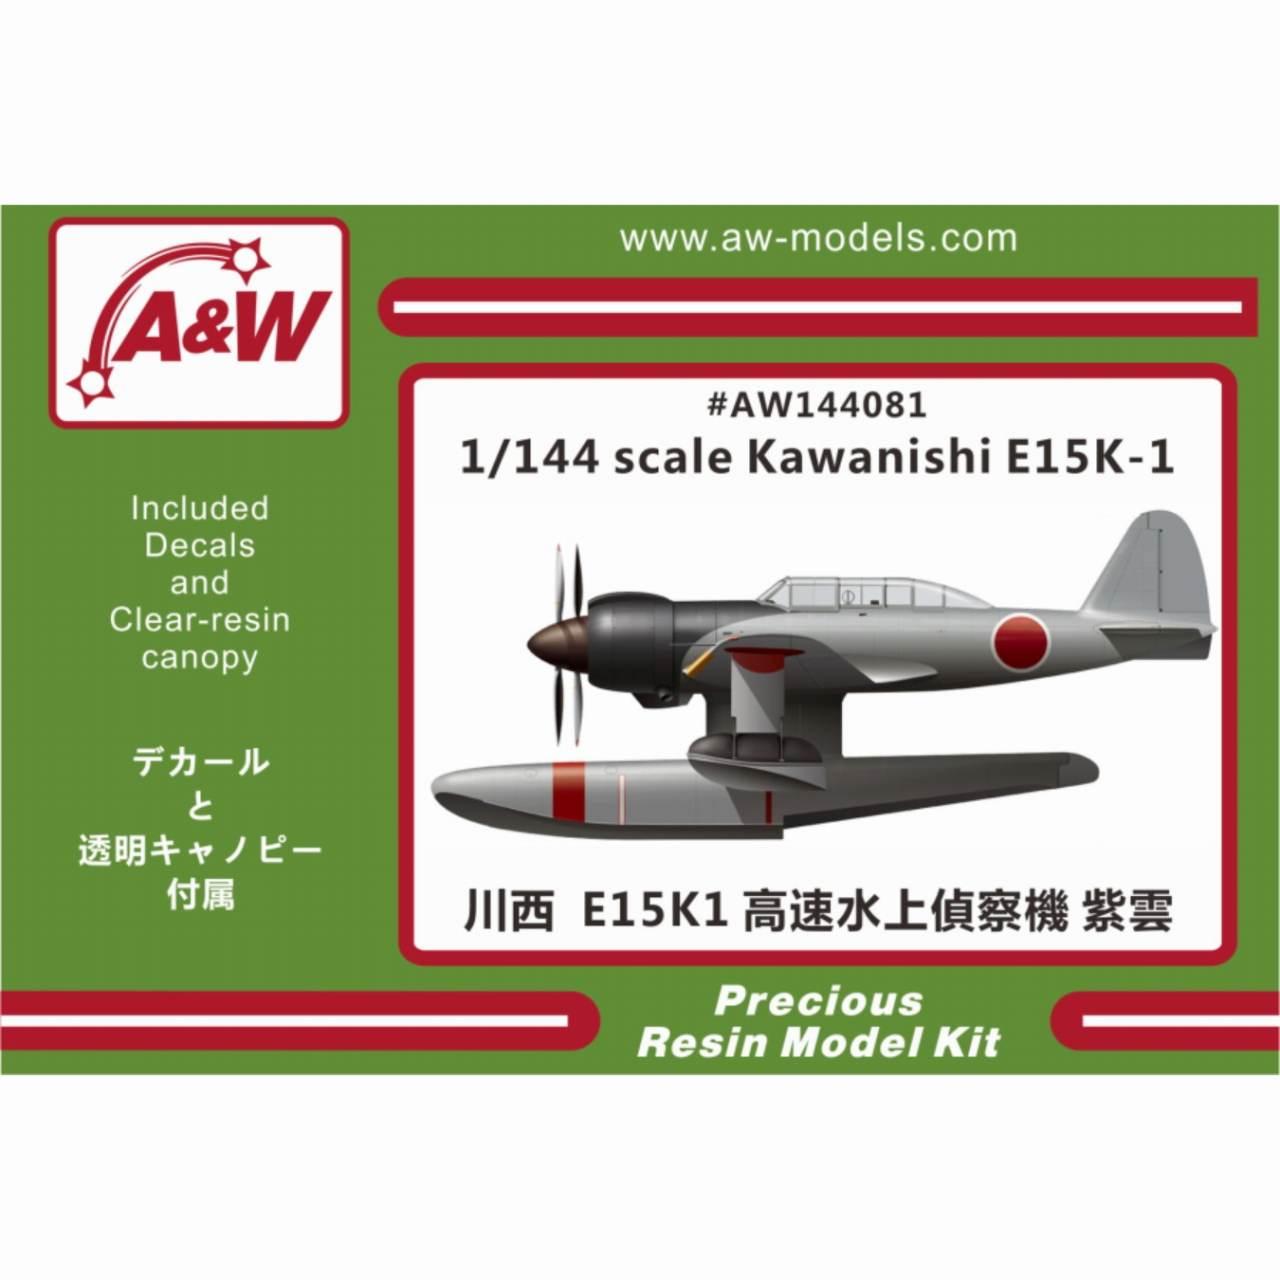 【新製品】AW144081 川西 E15K1 高速水上偵察機 紫雲